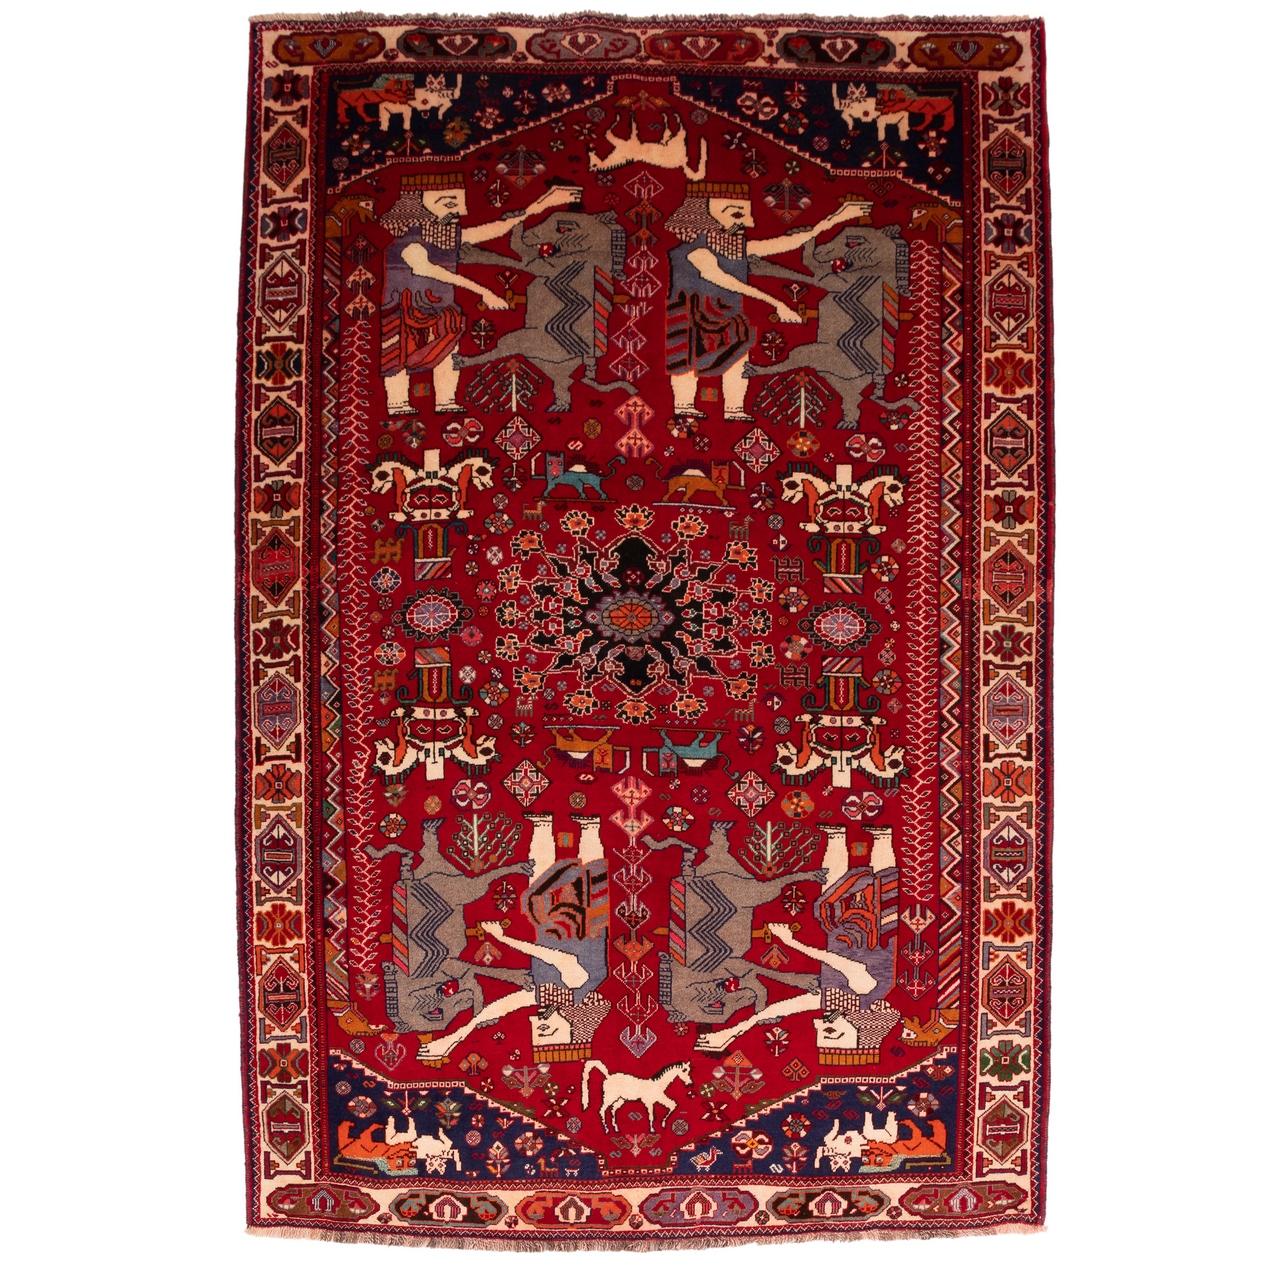 فرش دستباف قدیمی پنج و نیم متری سی پرشیا کد 179123